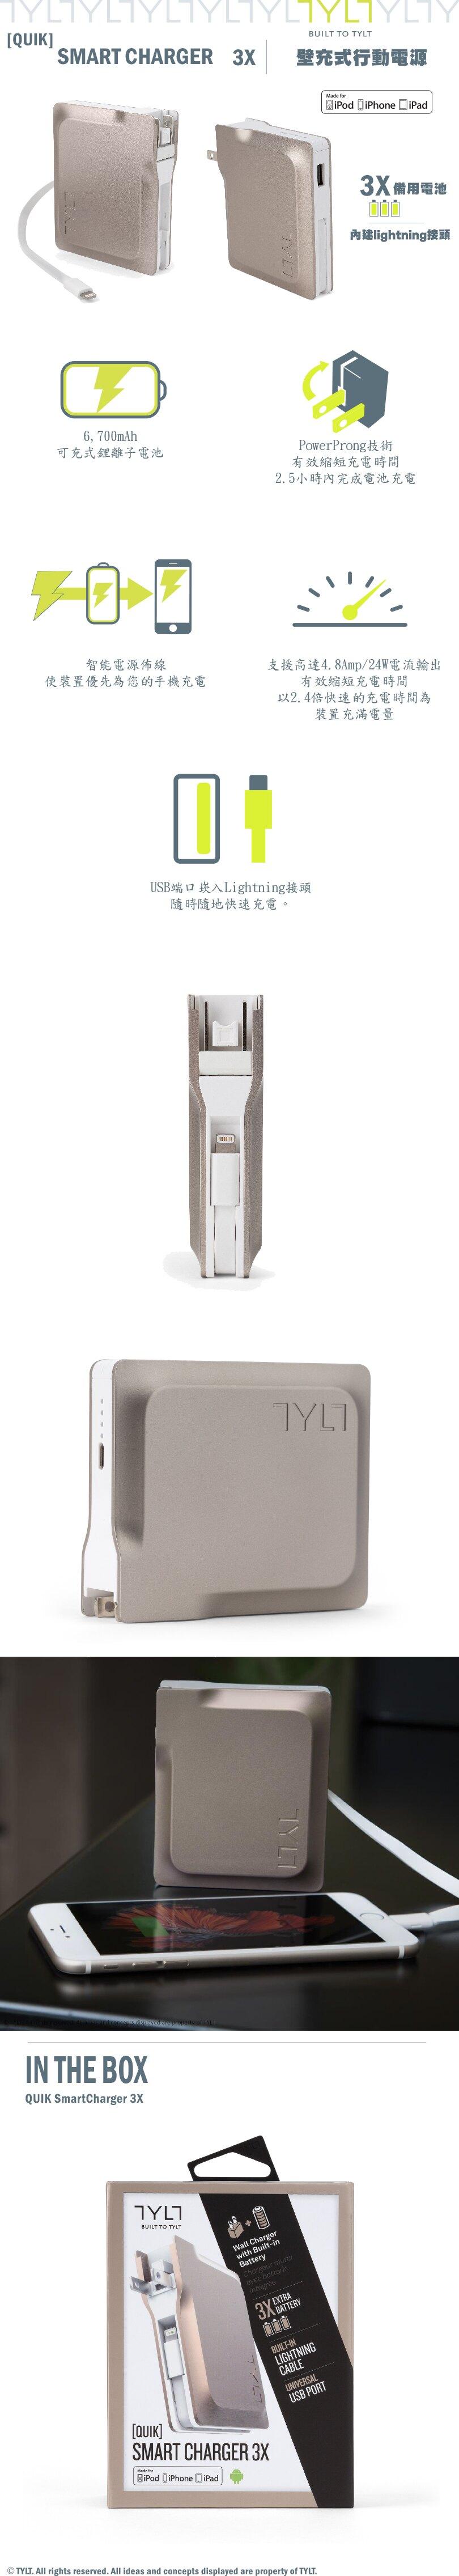 預購TYLT 3X 壁充式 6700mAh 行動電源 2合1 充電器 [強強滾]